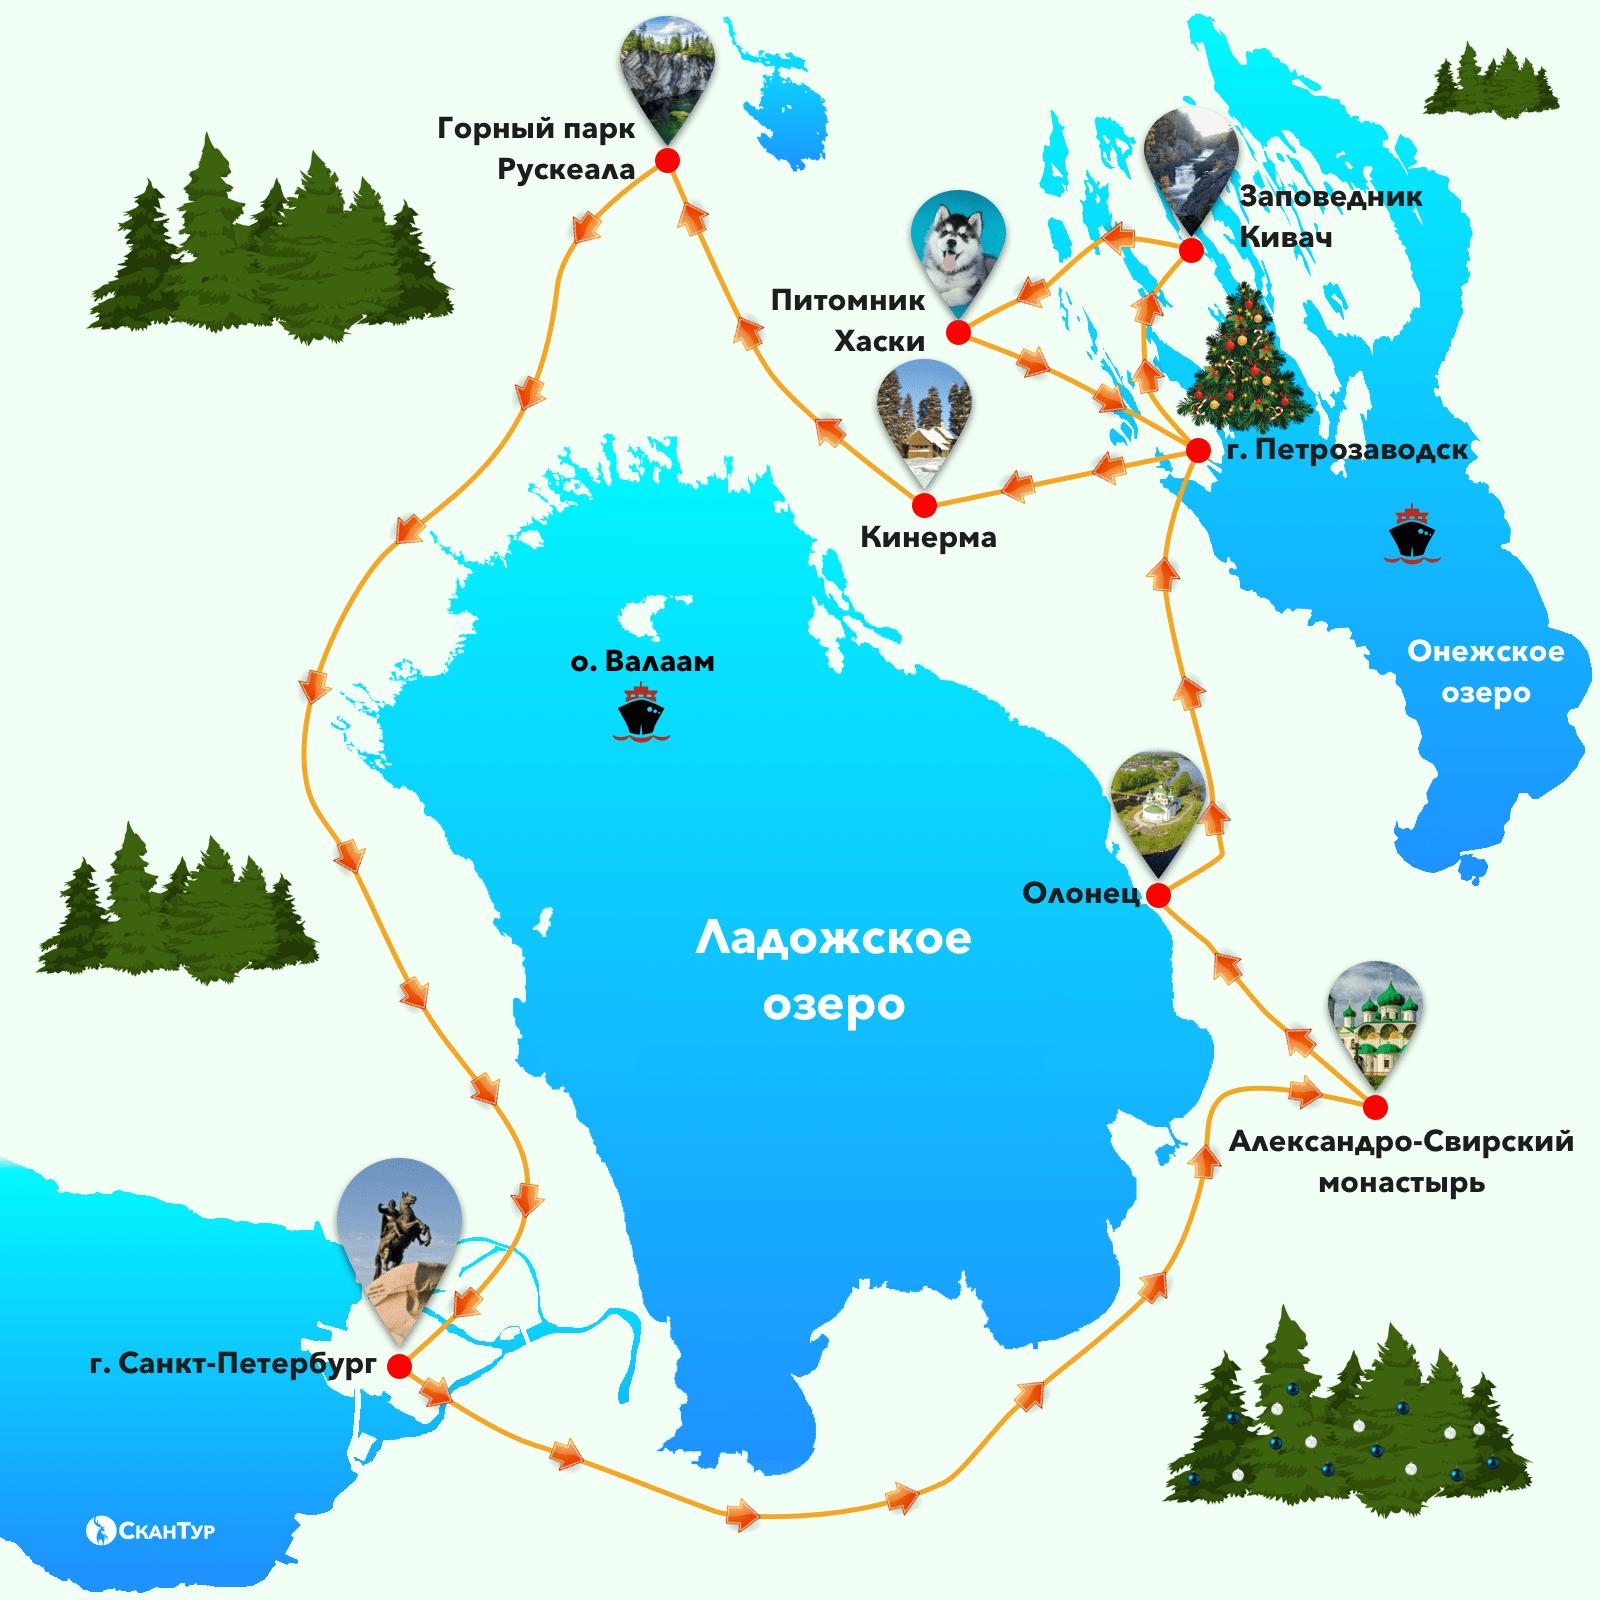 Маршрут тура в Карелию на новый год 3 дня